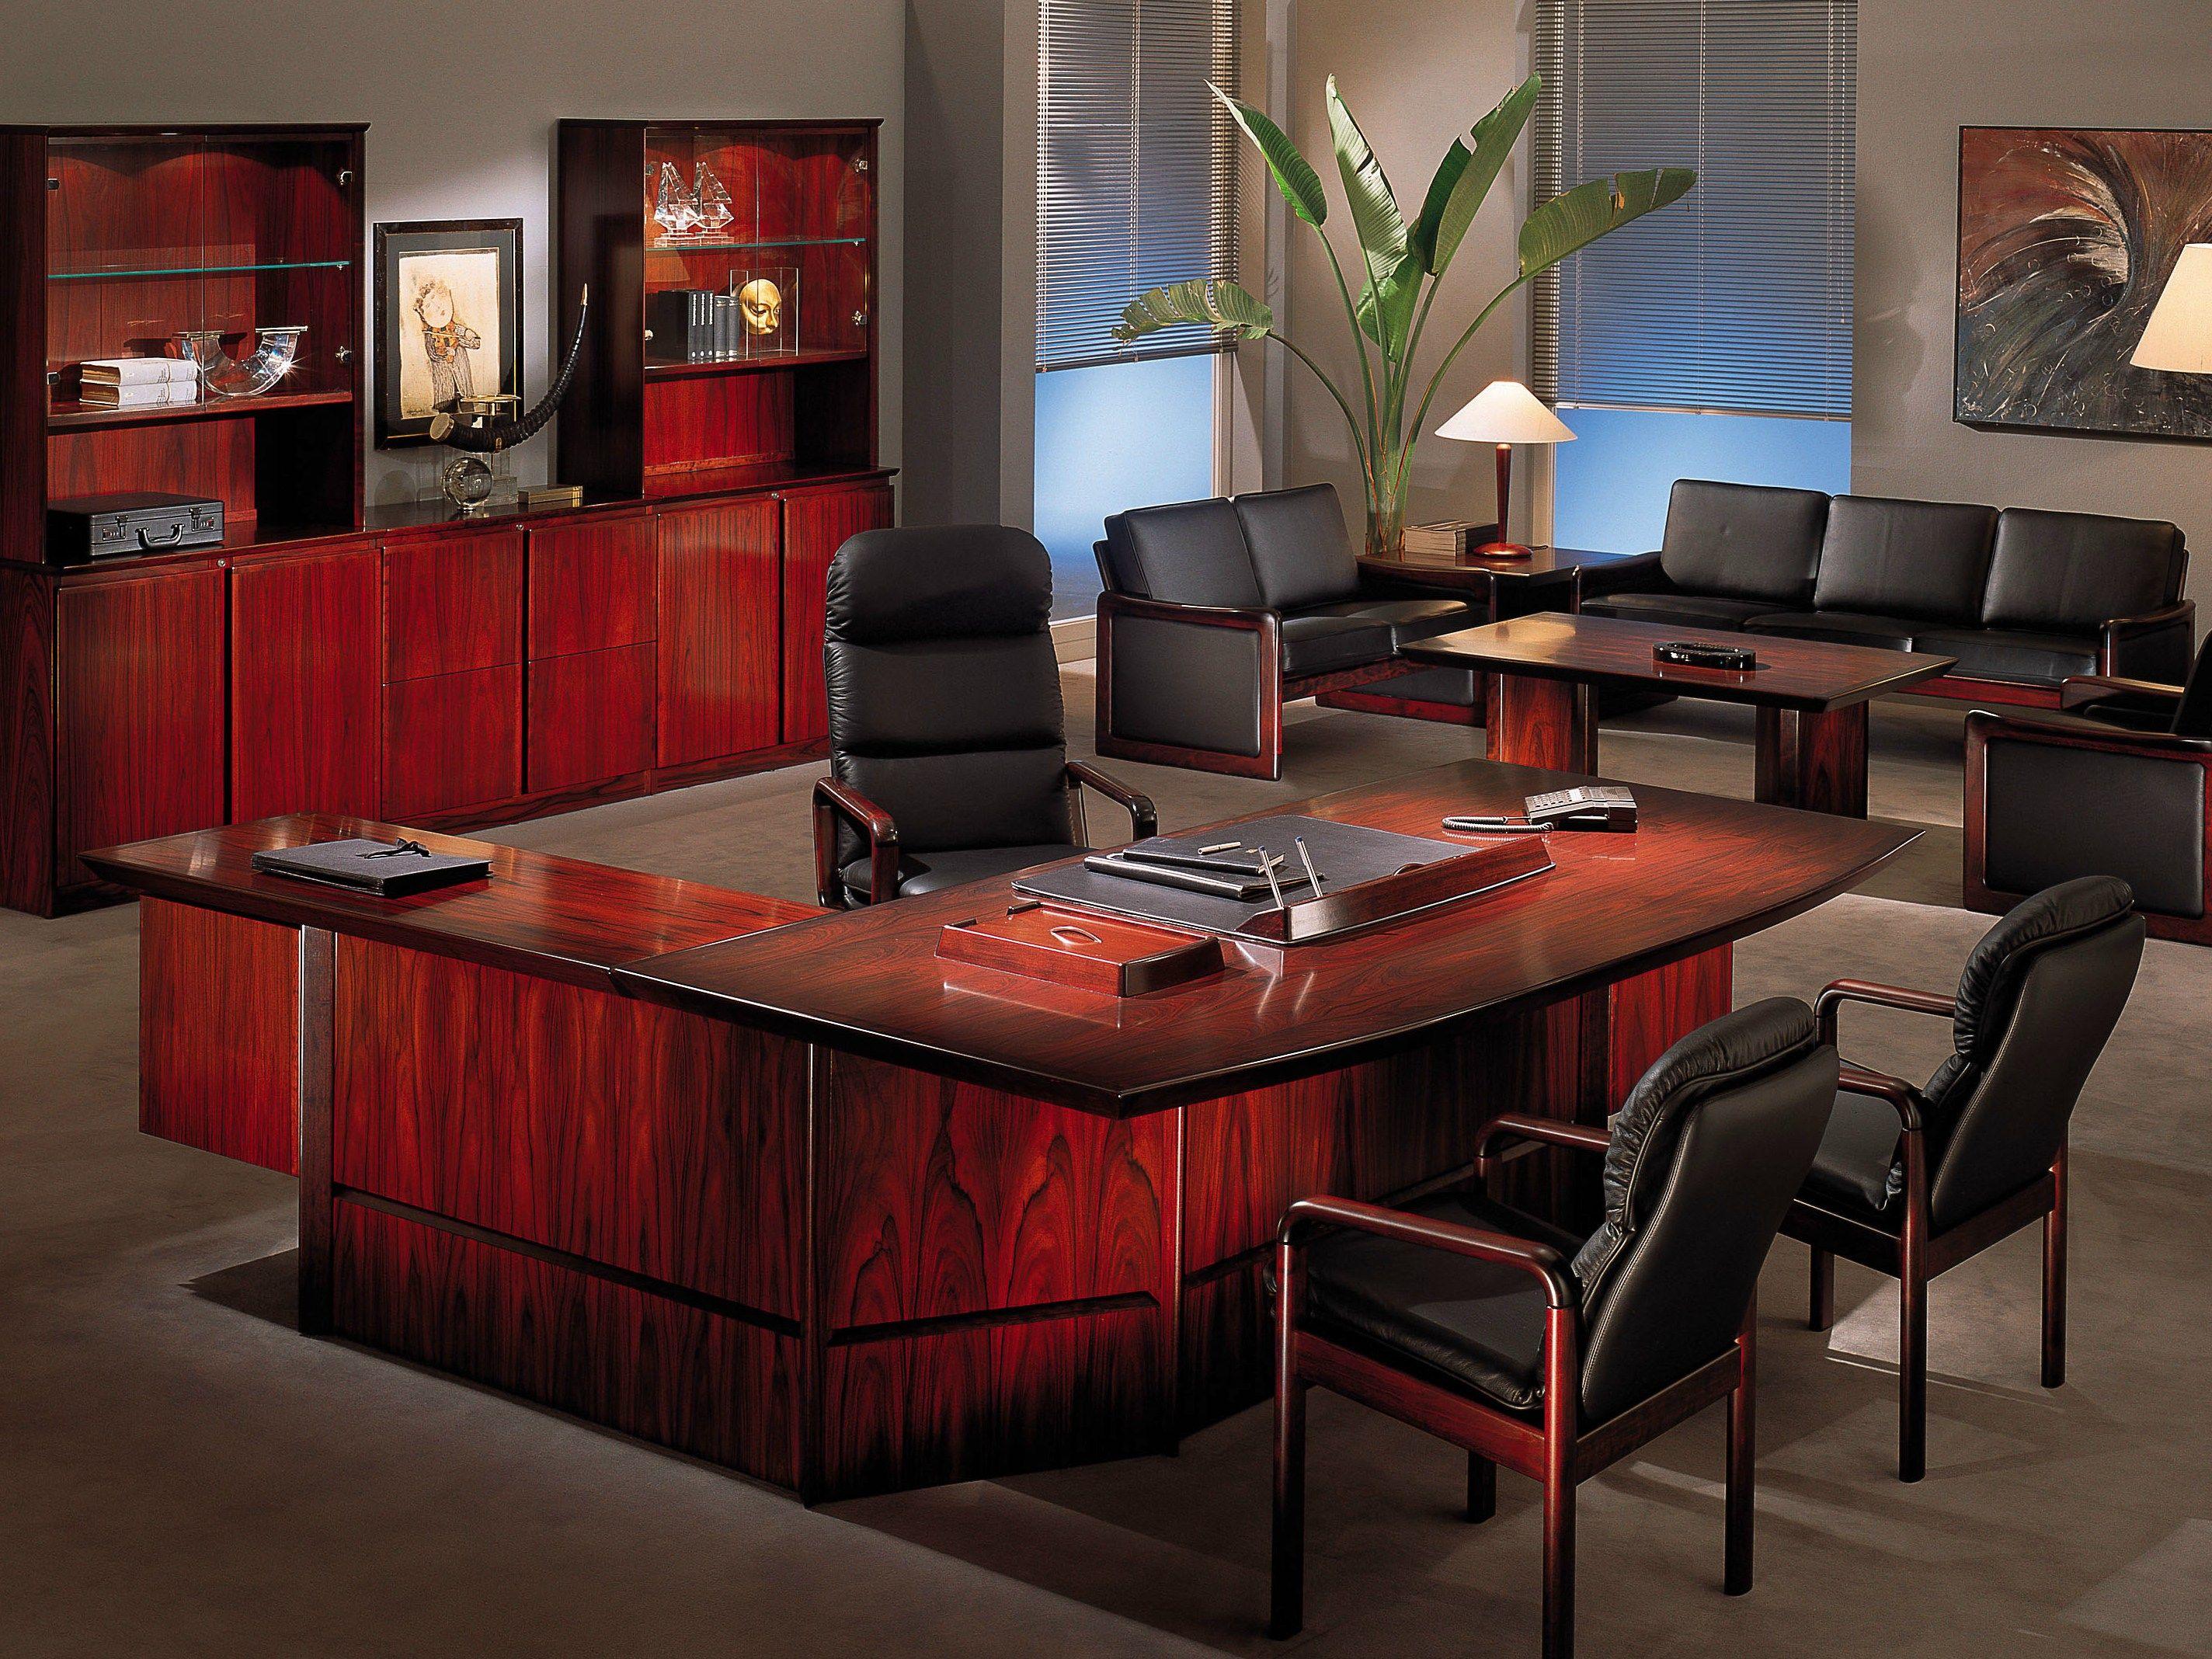 Mueble modular de pared mueble de oficina de madera for Muebles para oficina en madera